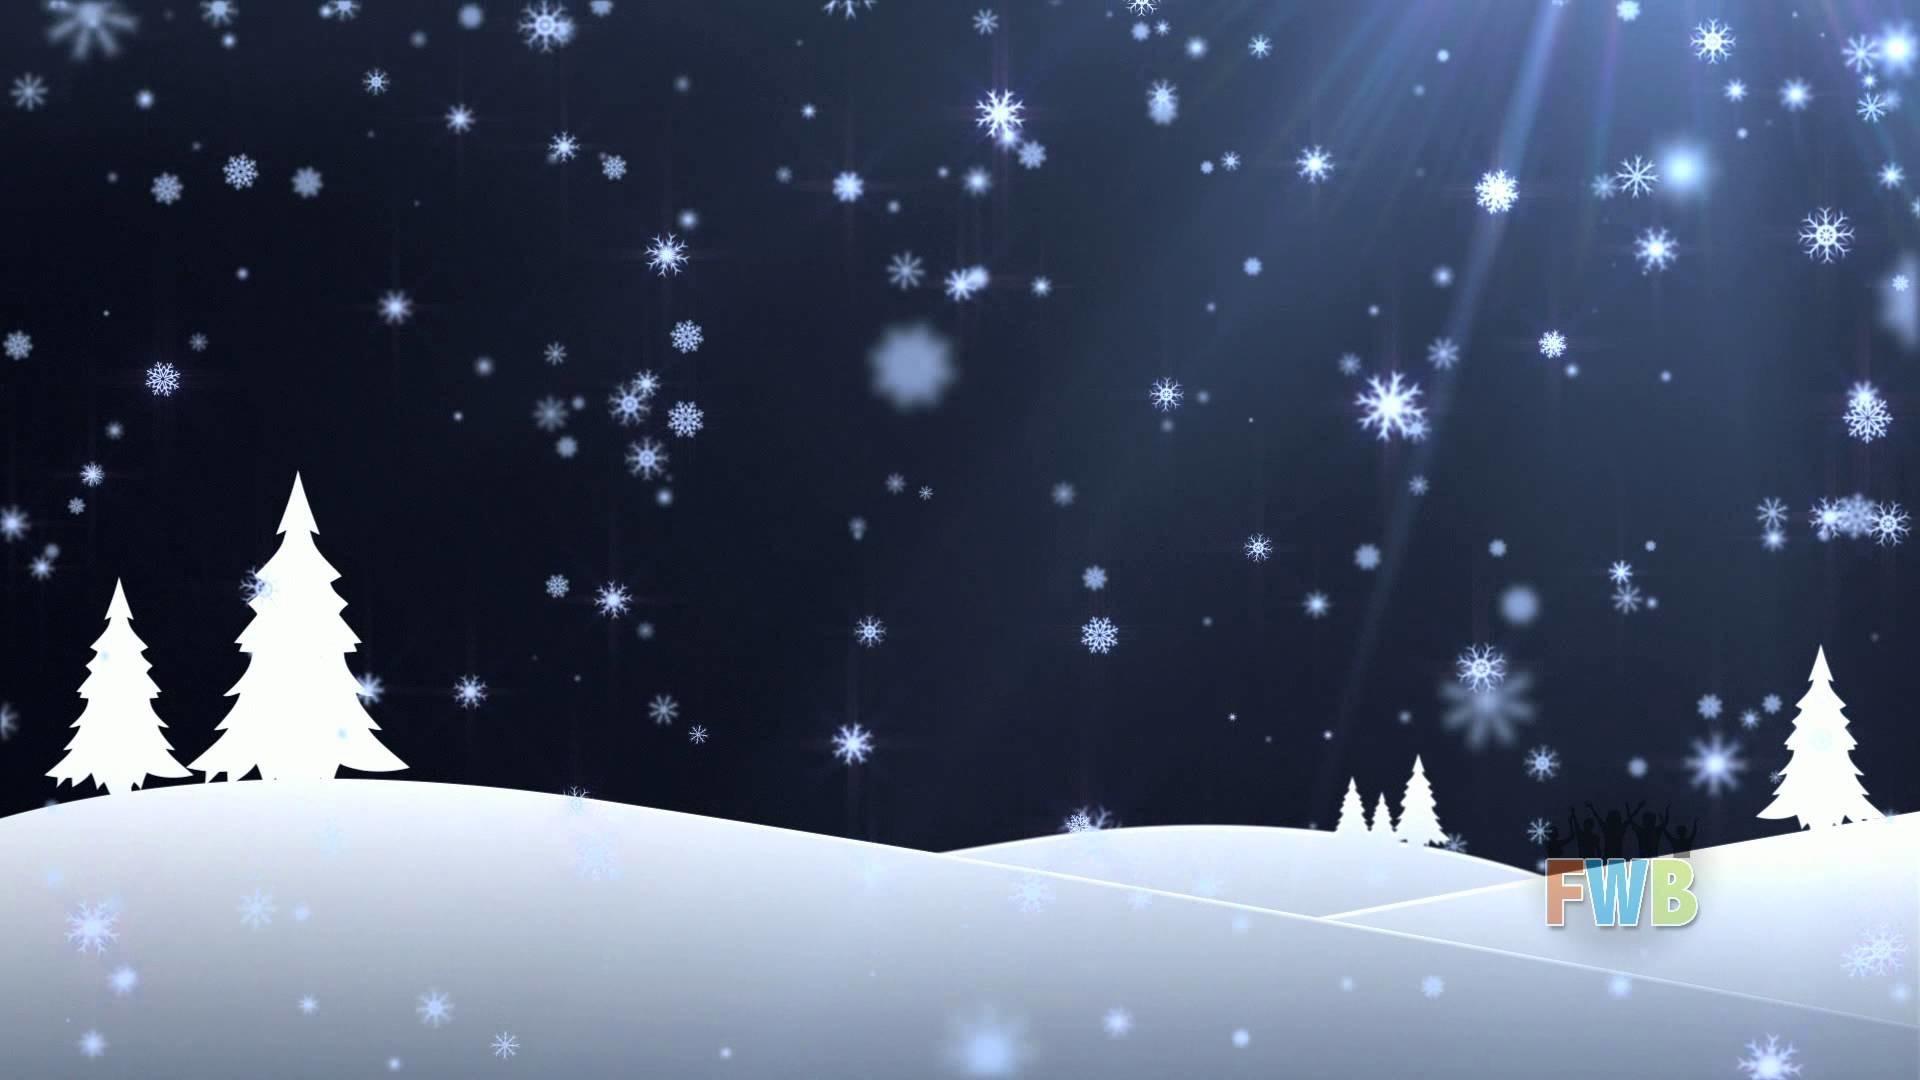 Winter Wonderland Backgrounds (41+ images).